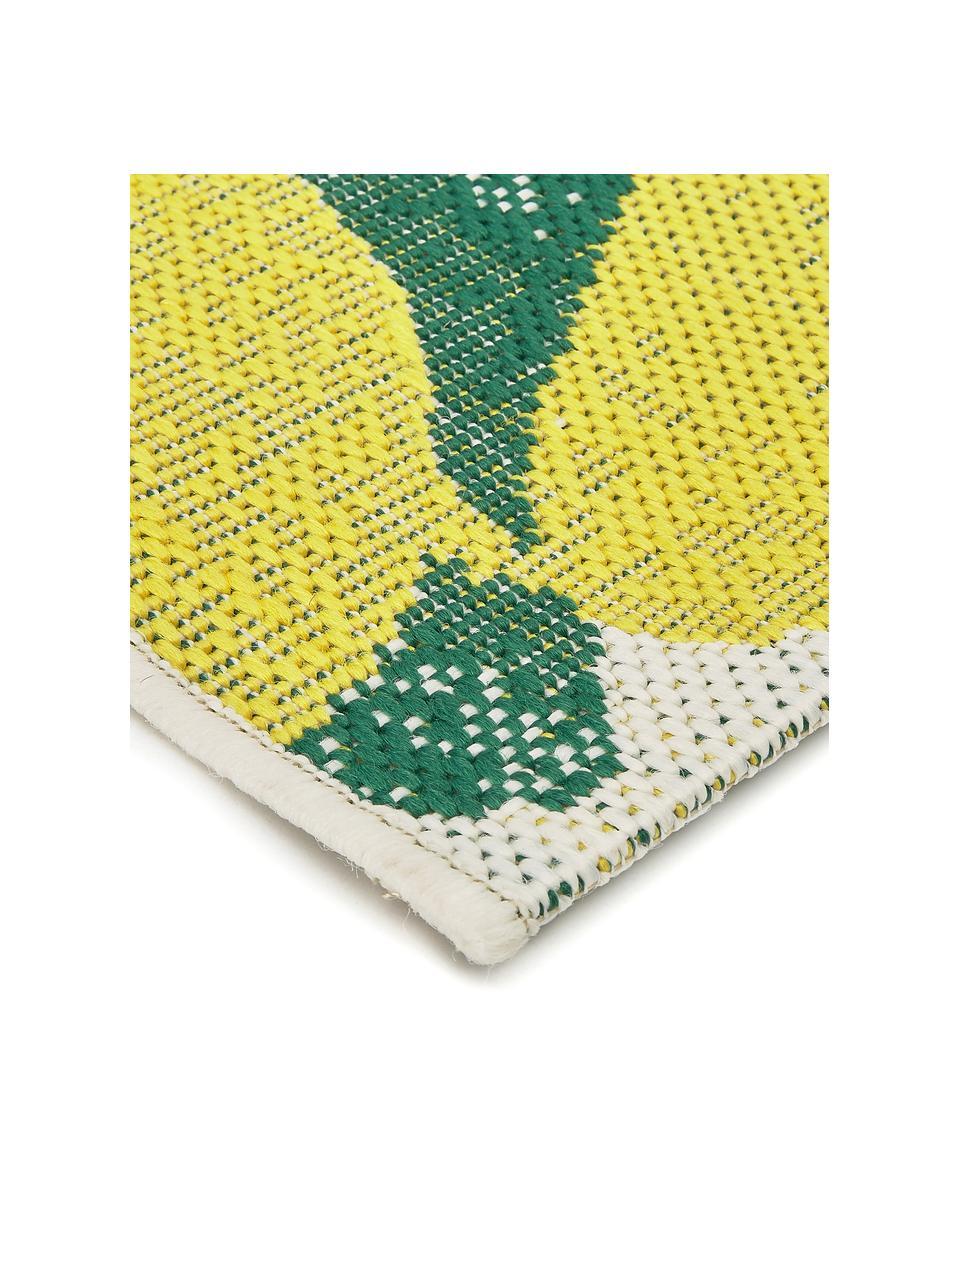 Tappeto da interno-esterno con stampa limoni Limonia, 86% polipropilene, 14% poliestere, Bianco crema, giallo, verde, Larg. 80 x Lung. 250 cm